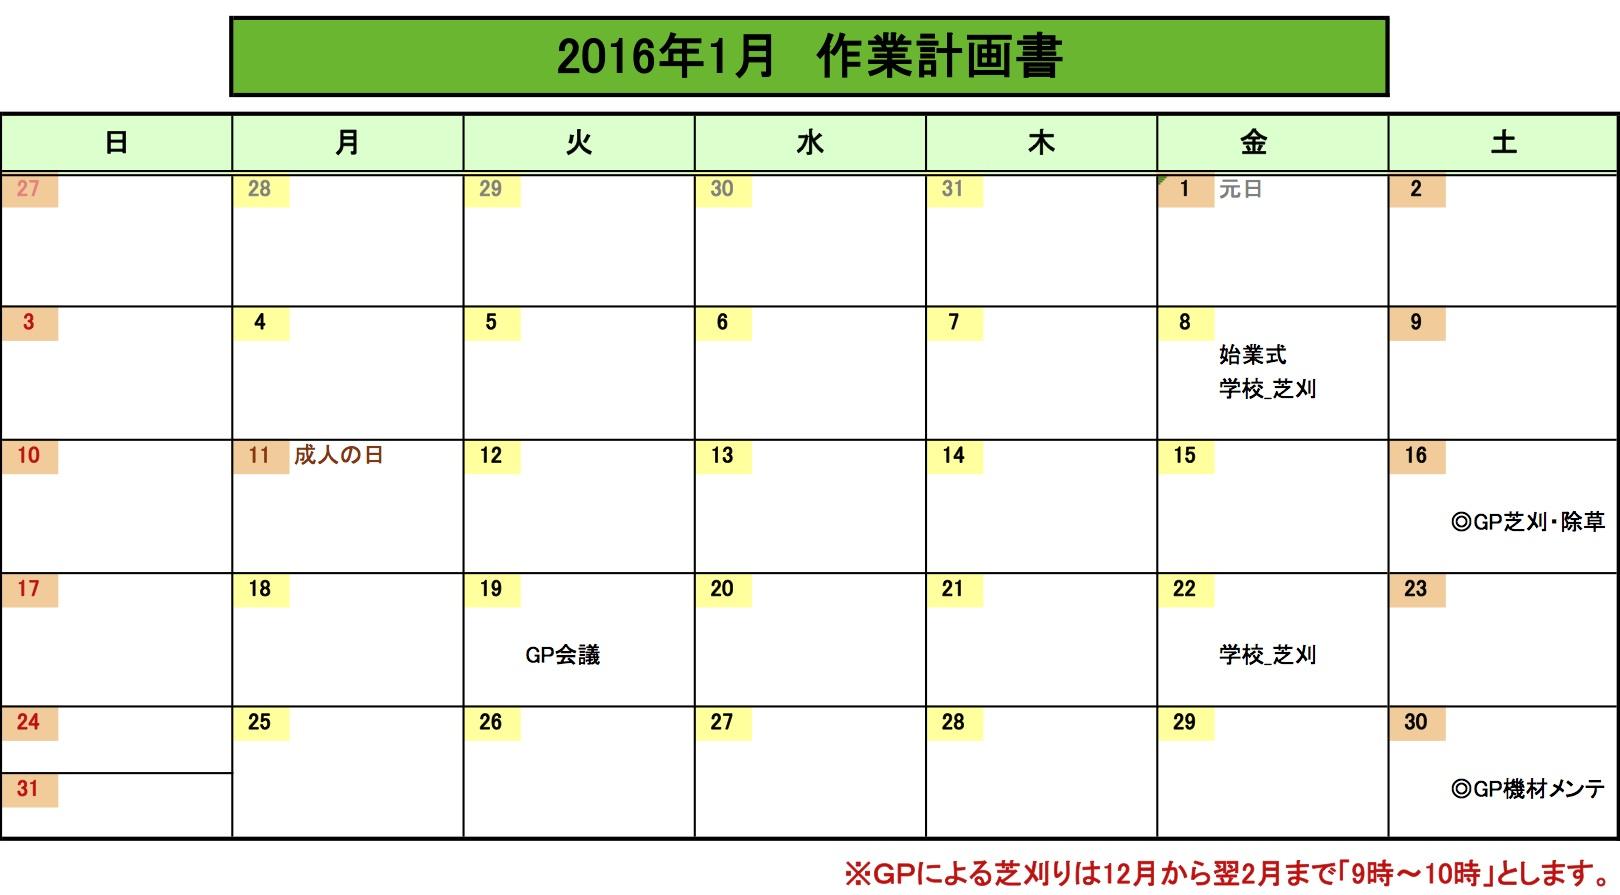 201601芝生メンテ計画